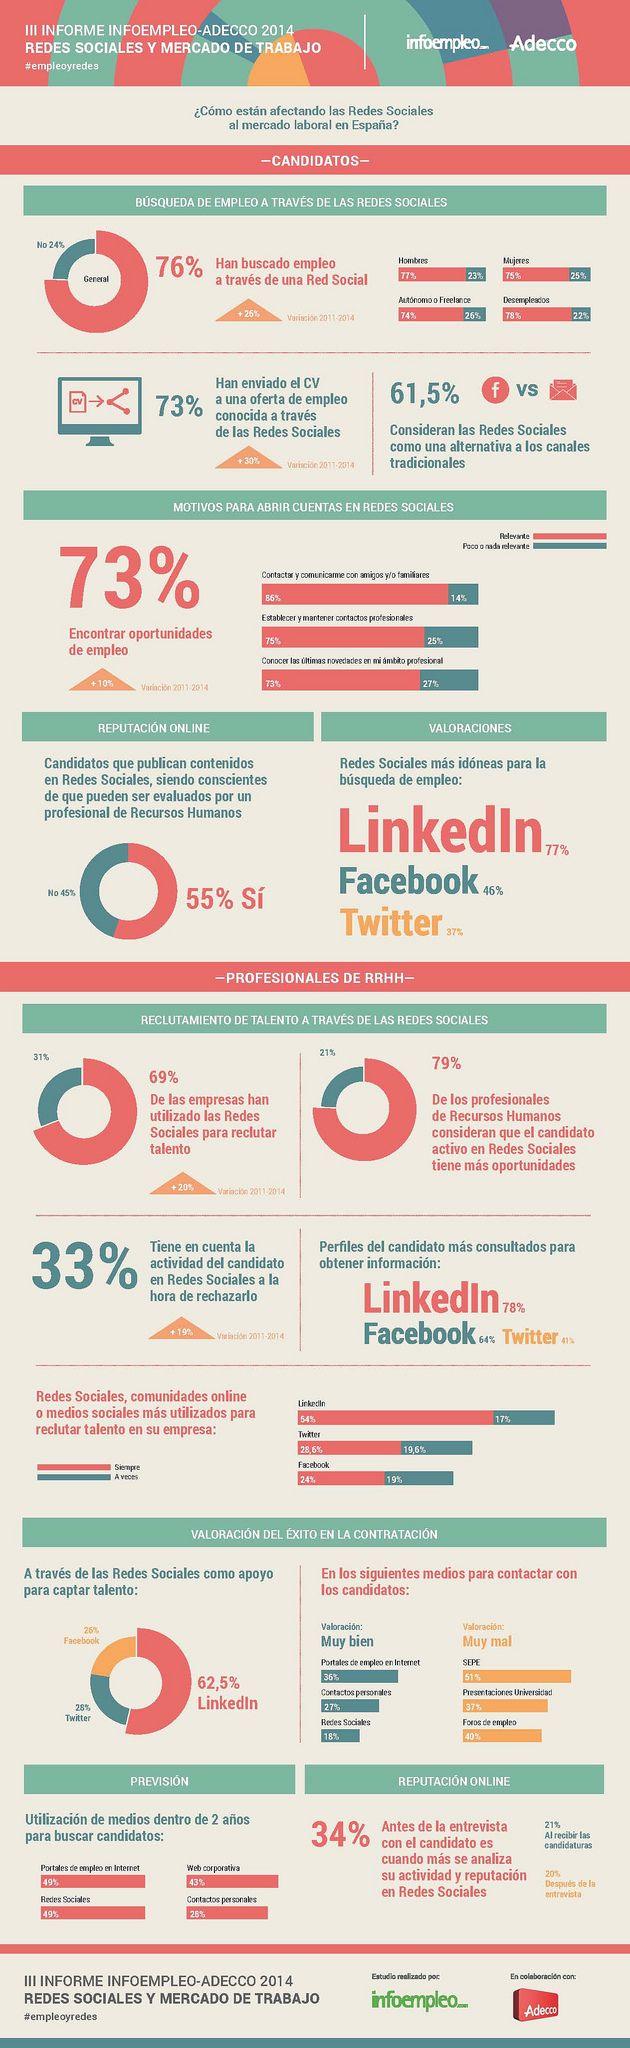 Redes Sociales Y Mercado Laboral En España 2014 Infografia Rrhh Socialmedia Empleo Tics Y Formación Redes Sociales Mercado De Trabajo Socialismo